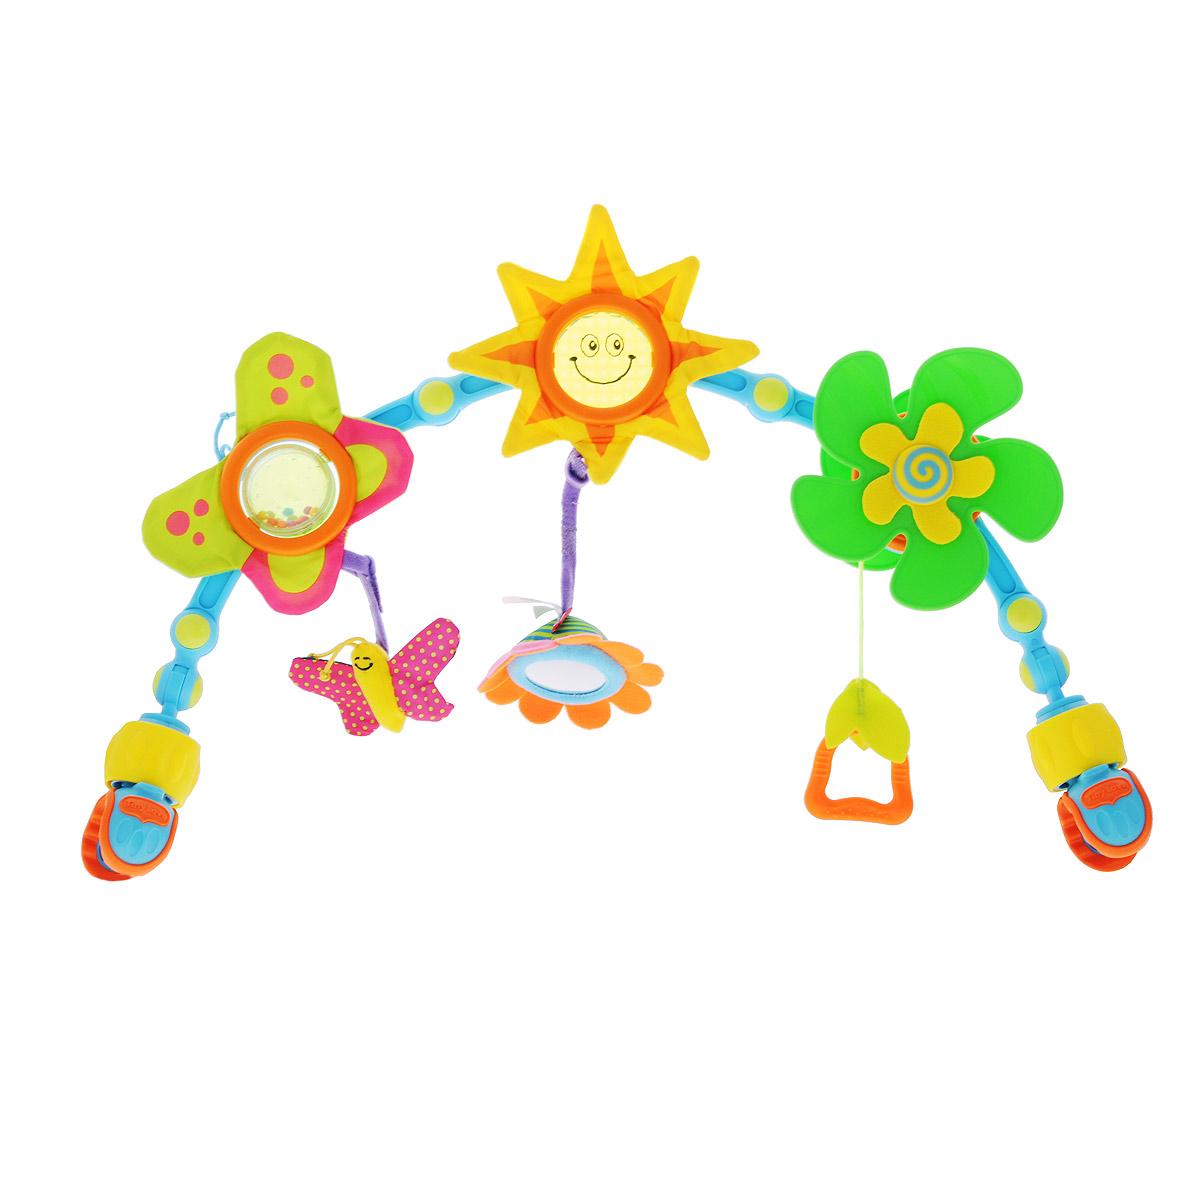 Дуга-трансформер Tiny Love, с держателем для ручек6021000Дуга-трансформер Tiny Love, рекомендуемая для детей с рождения, оформлена изображением веселого солнышка, цветочка и пропеллера. У солнышка шуршащие лучики, к одному из которых крепится цветочек с безопасным зеркальцем посередине. Лепестки цветочка также выполнены из шуршащего материала, посередине у него прозрачный шарик с разноцветными бусинками внутри, гремящими при вращении шарика. К лепестку крепится маленькая бабочка с шуршащими крылышками. К пропеллеру прикреплен держатель для ручек. Дуга-трансформер имеет четыре подвижных шарнира, с помощью которых можно изменять высоту и расположение. Крепится дуга при помощи двух зажимов. Дуга-трансформер Tiny Love развивает у ребенка слух, осязание, цветовое восприятие, мелкую моторику рук и тактильные ощущения. Характеристики: Материал: текстиль, пластик. Длина дуги (без учета зажимов): 46 см. Диаметр пропеллера: 15 см. Рекомендуемый возраст: от 0 месяцев. Размер упаковки: 50 см x 31 см x 7...